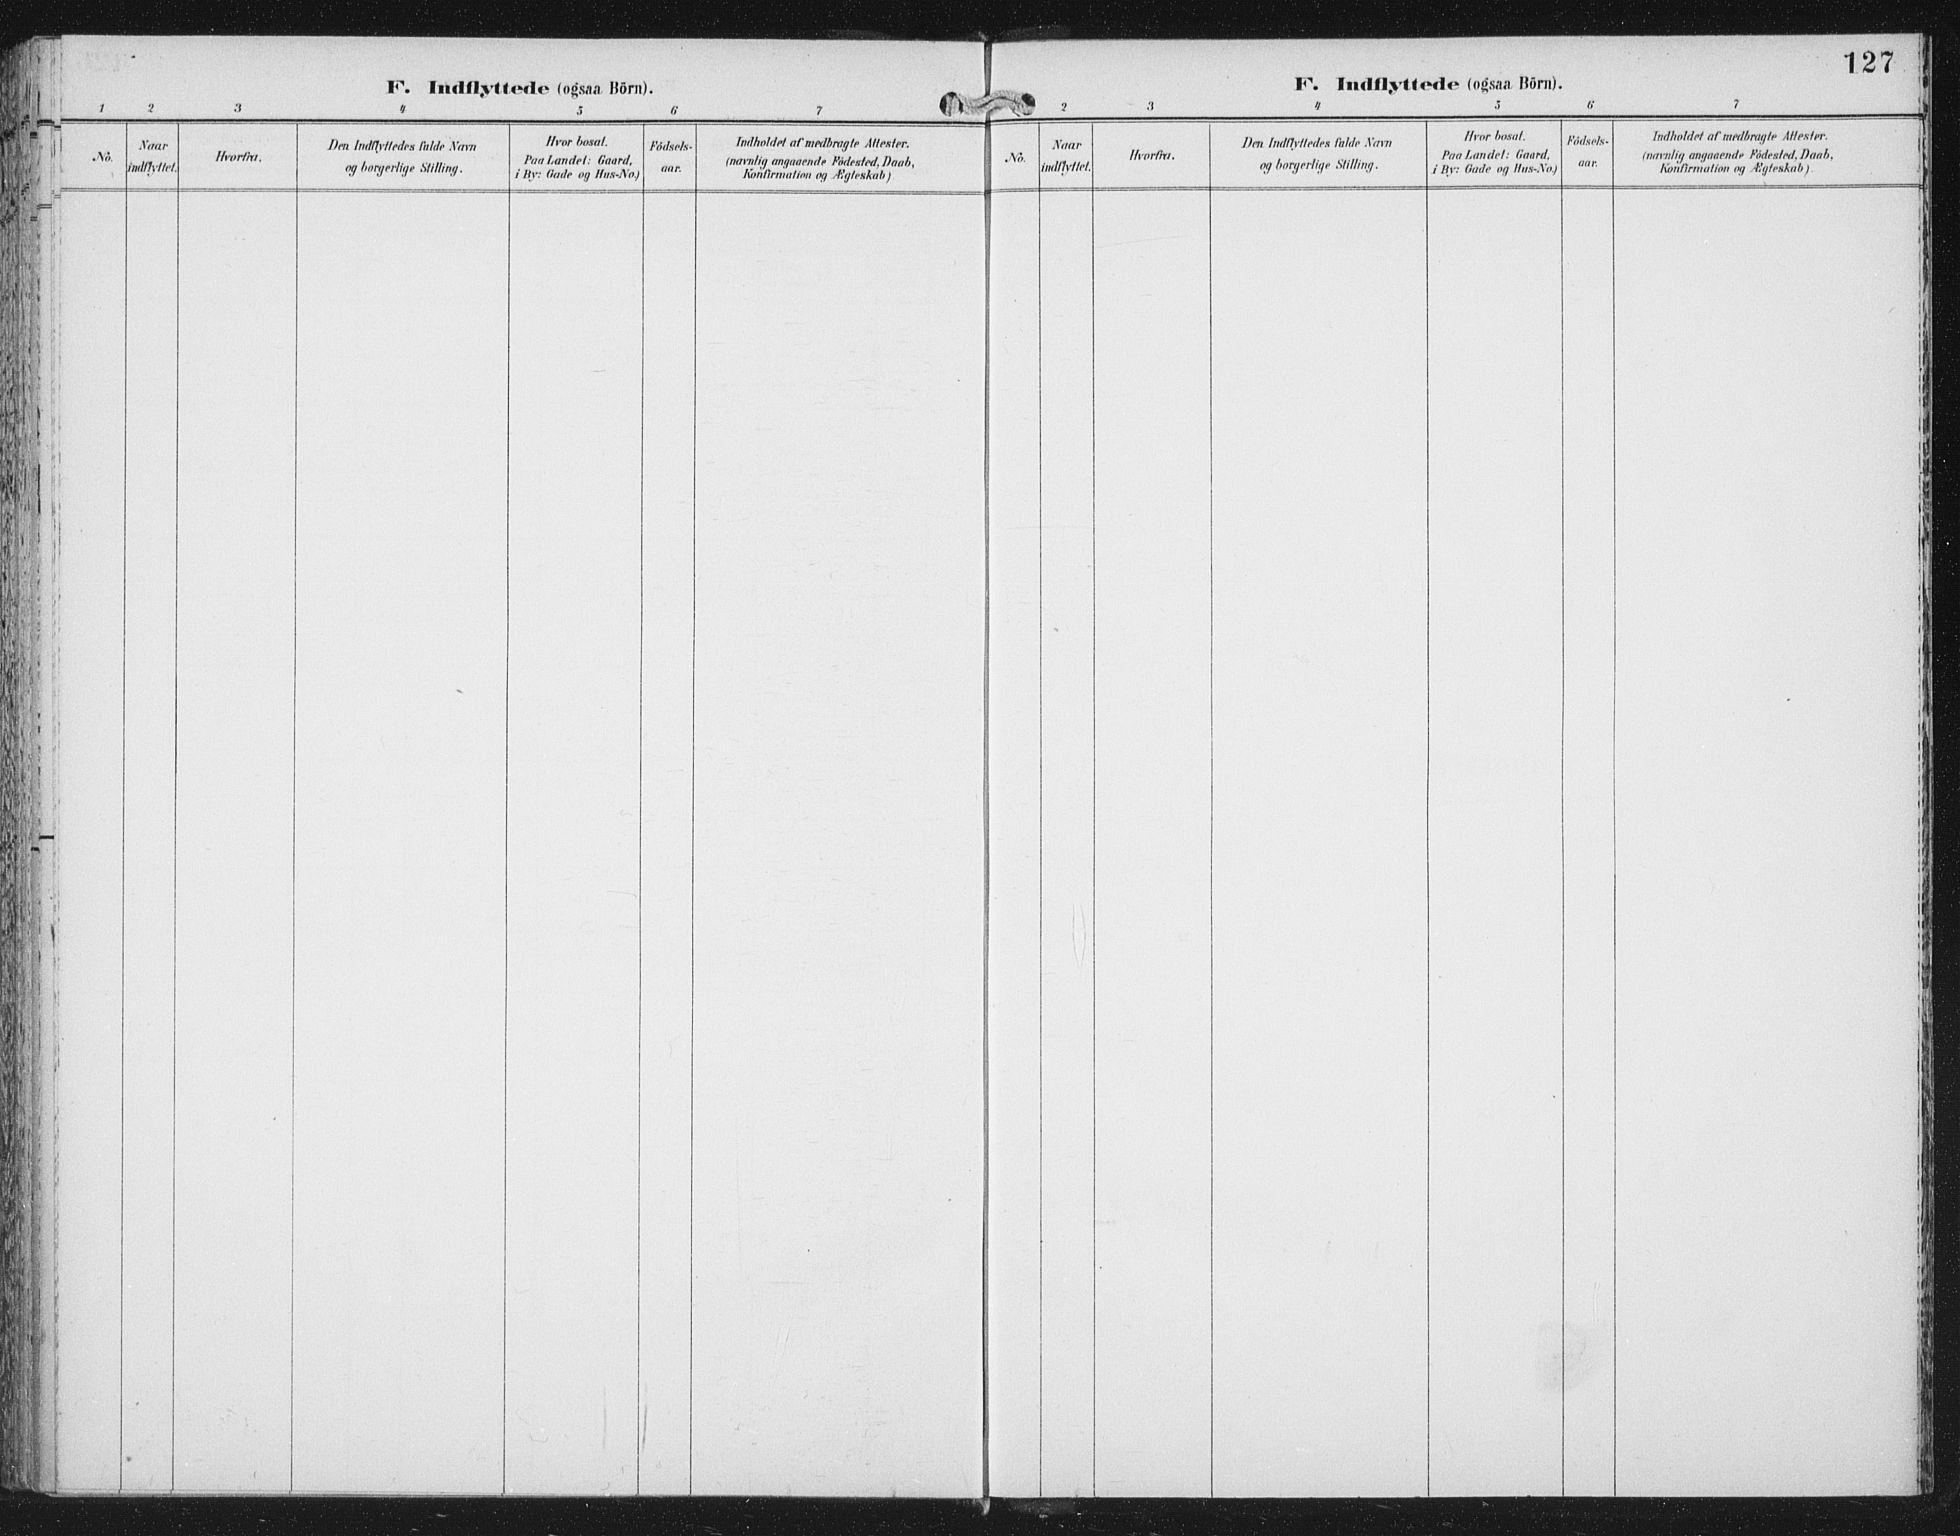 SAT, Ministerialprotokoller, klokkerbøker og fødselsregistre - Nord-Trøndelag, 702/L0024: Ministerialbok nr. 702A02, 1898-1914, s. 127